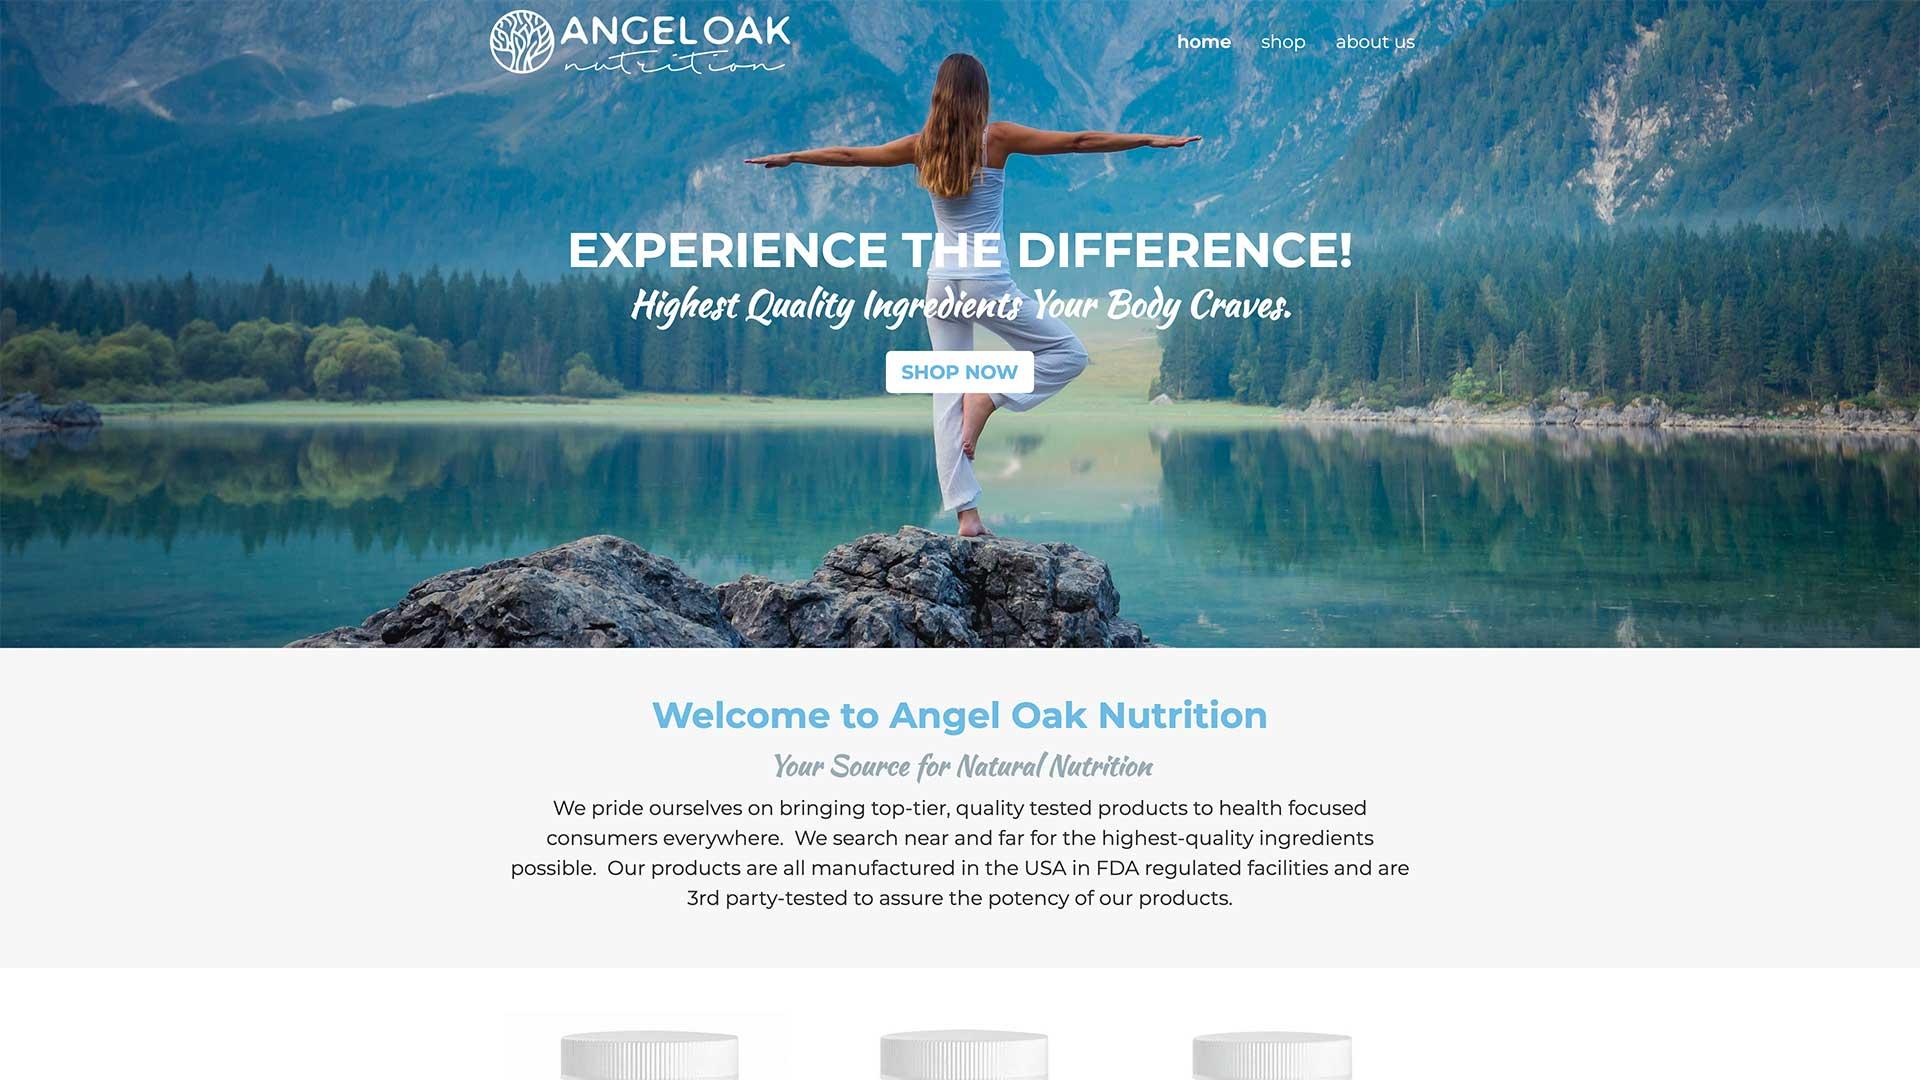 Angel Oak Nutrition